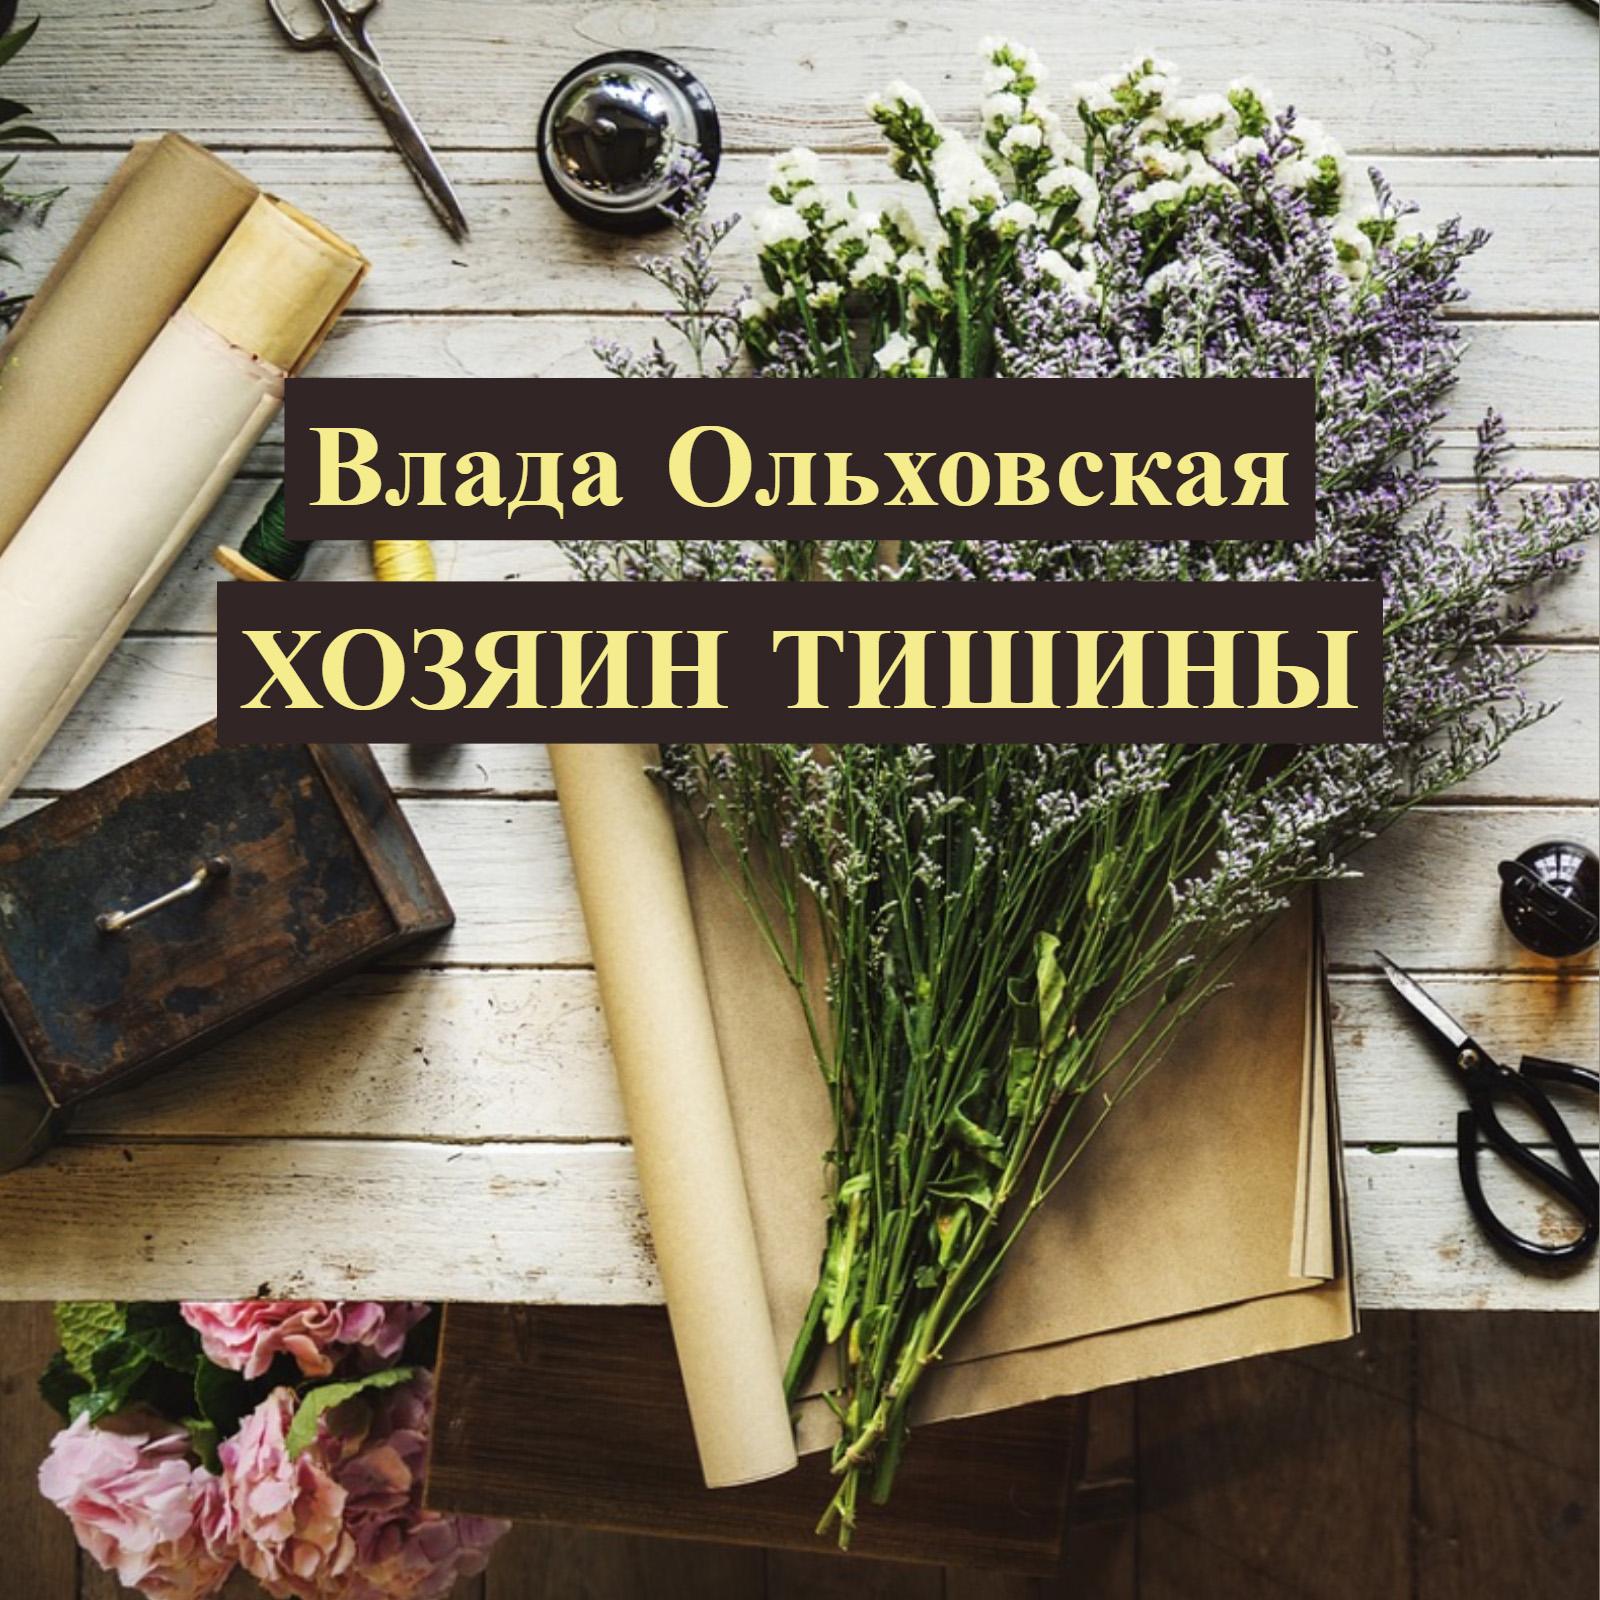 Купить книгу Хозяин тишины, автора Влады Ольховской